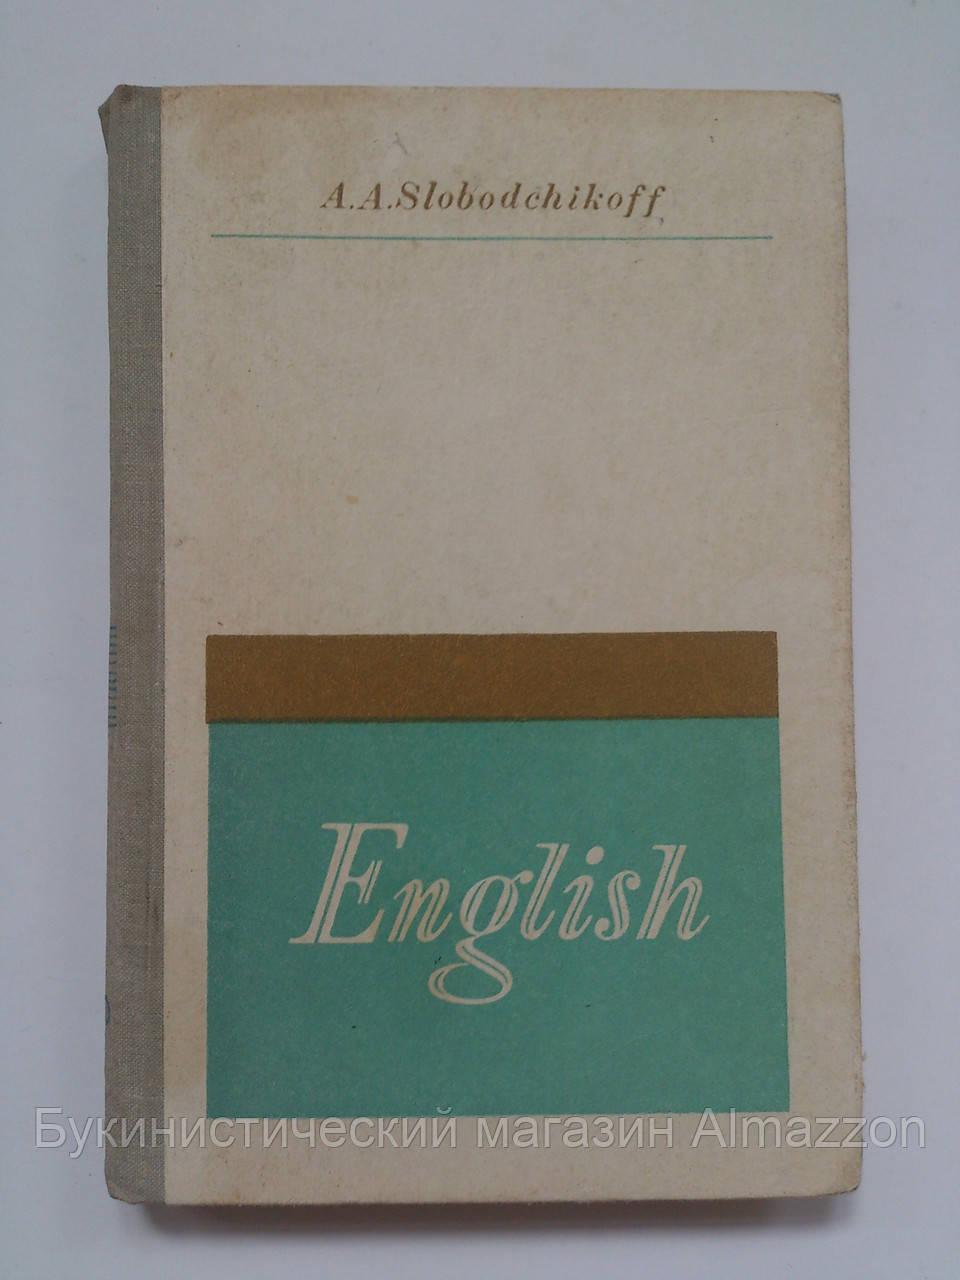 Слободчиков А.А. Учебник английского языка для 9-11 классов вечерней (сменной) общеобразовательной школы